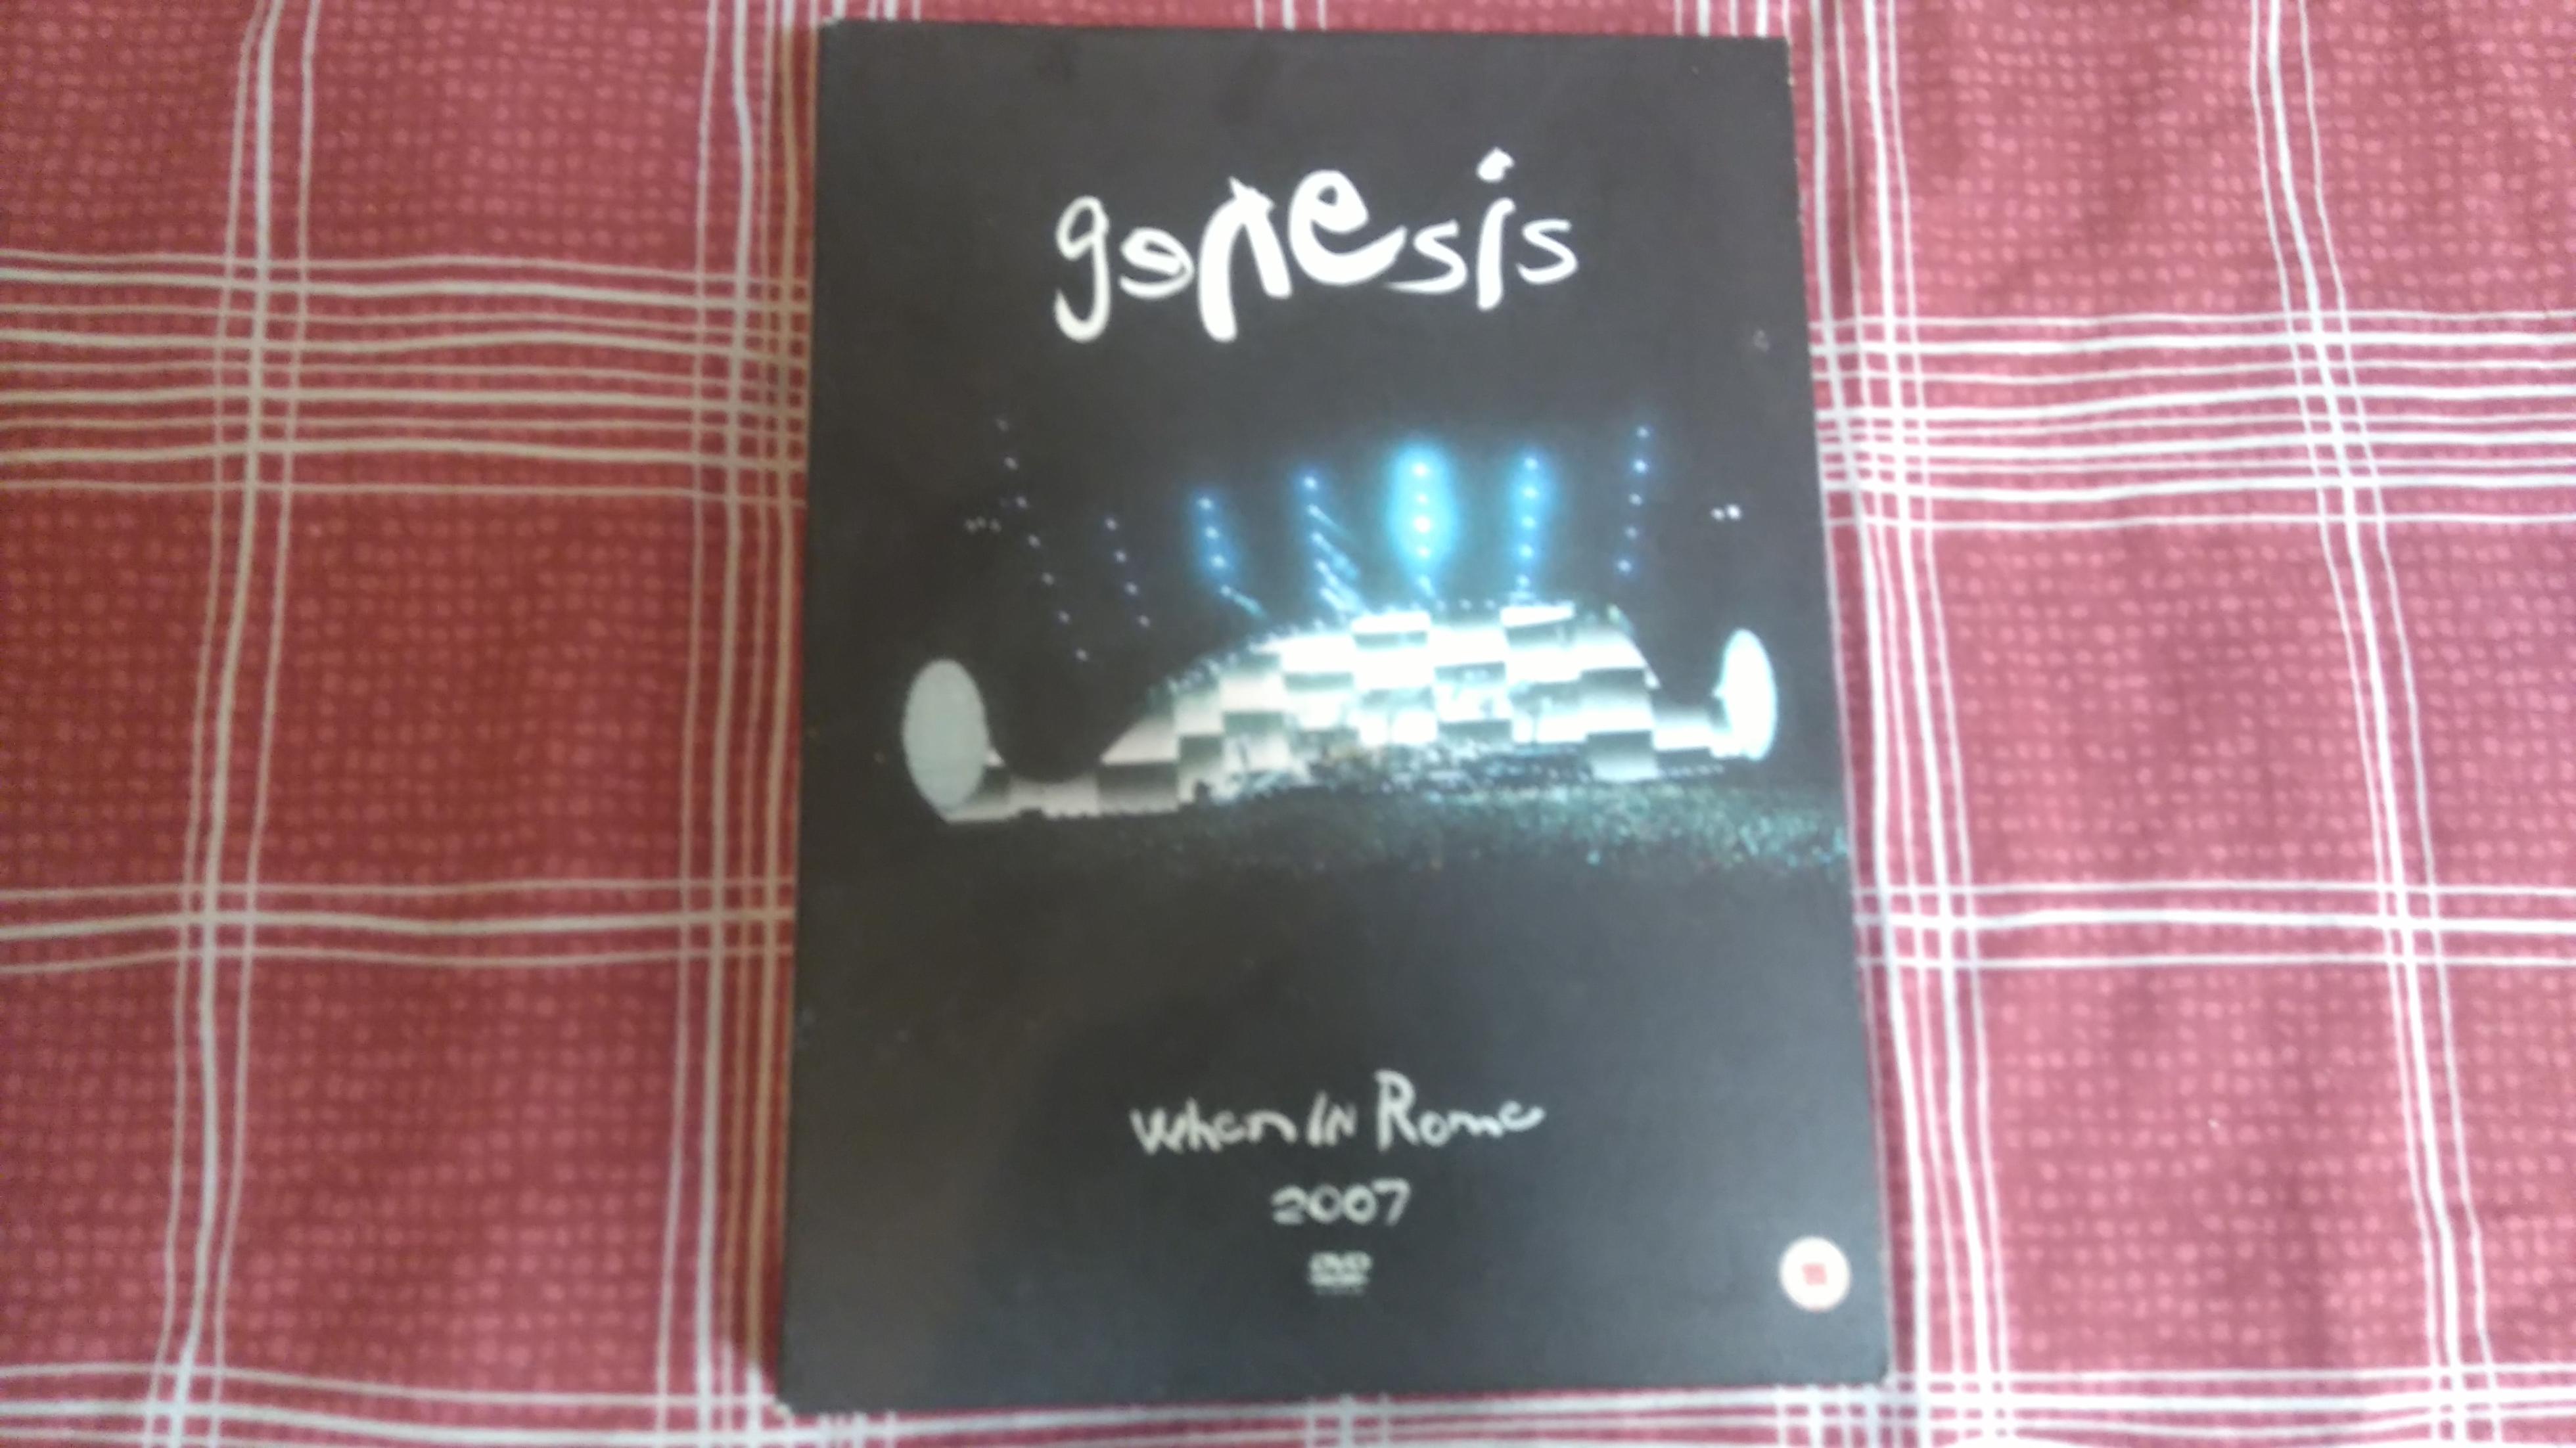 genesis dvd.JPG